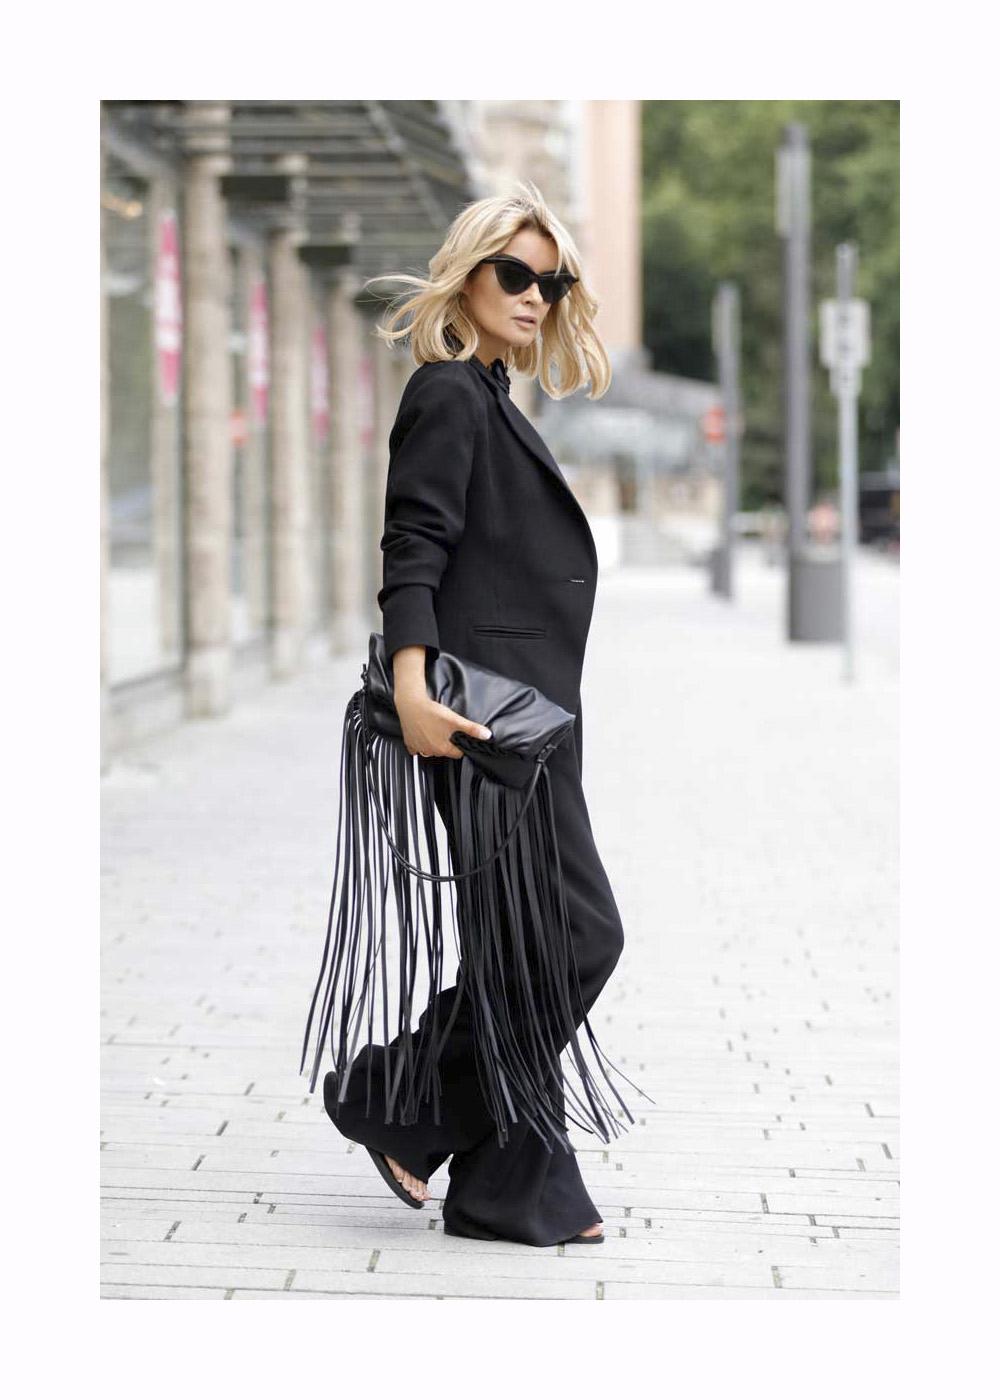 Street Style – Dusseldorf – July 14, 2020